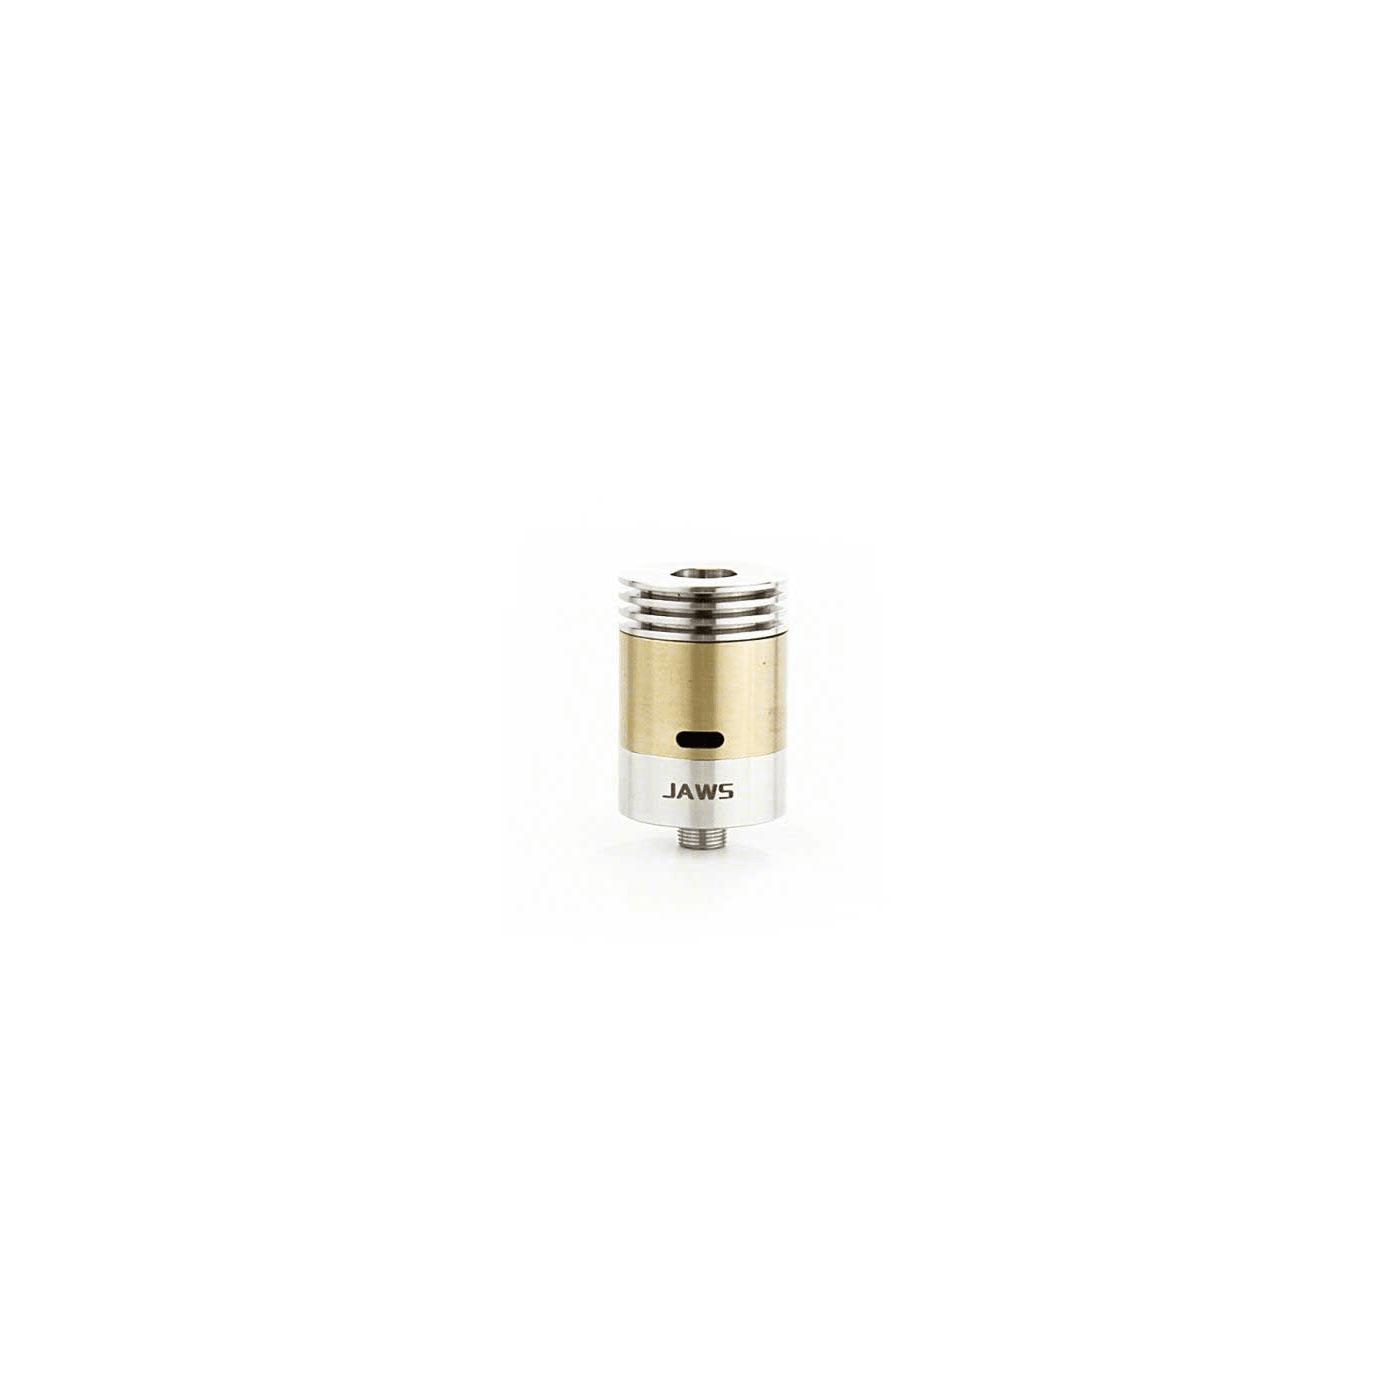 Jaws IGO-W8 Rebuildable Atomizer - Stainless with Brass